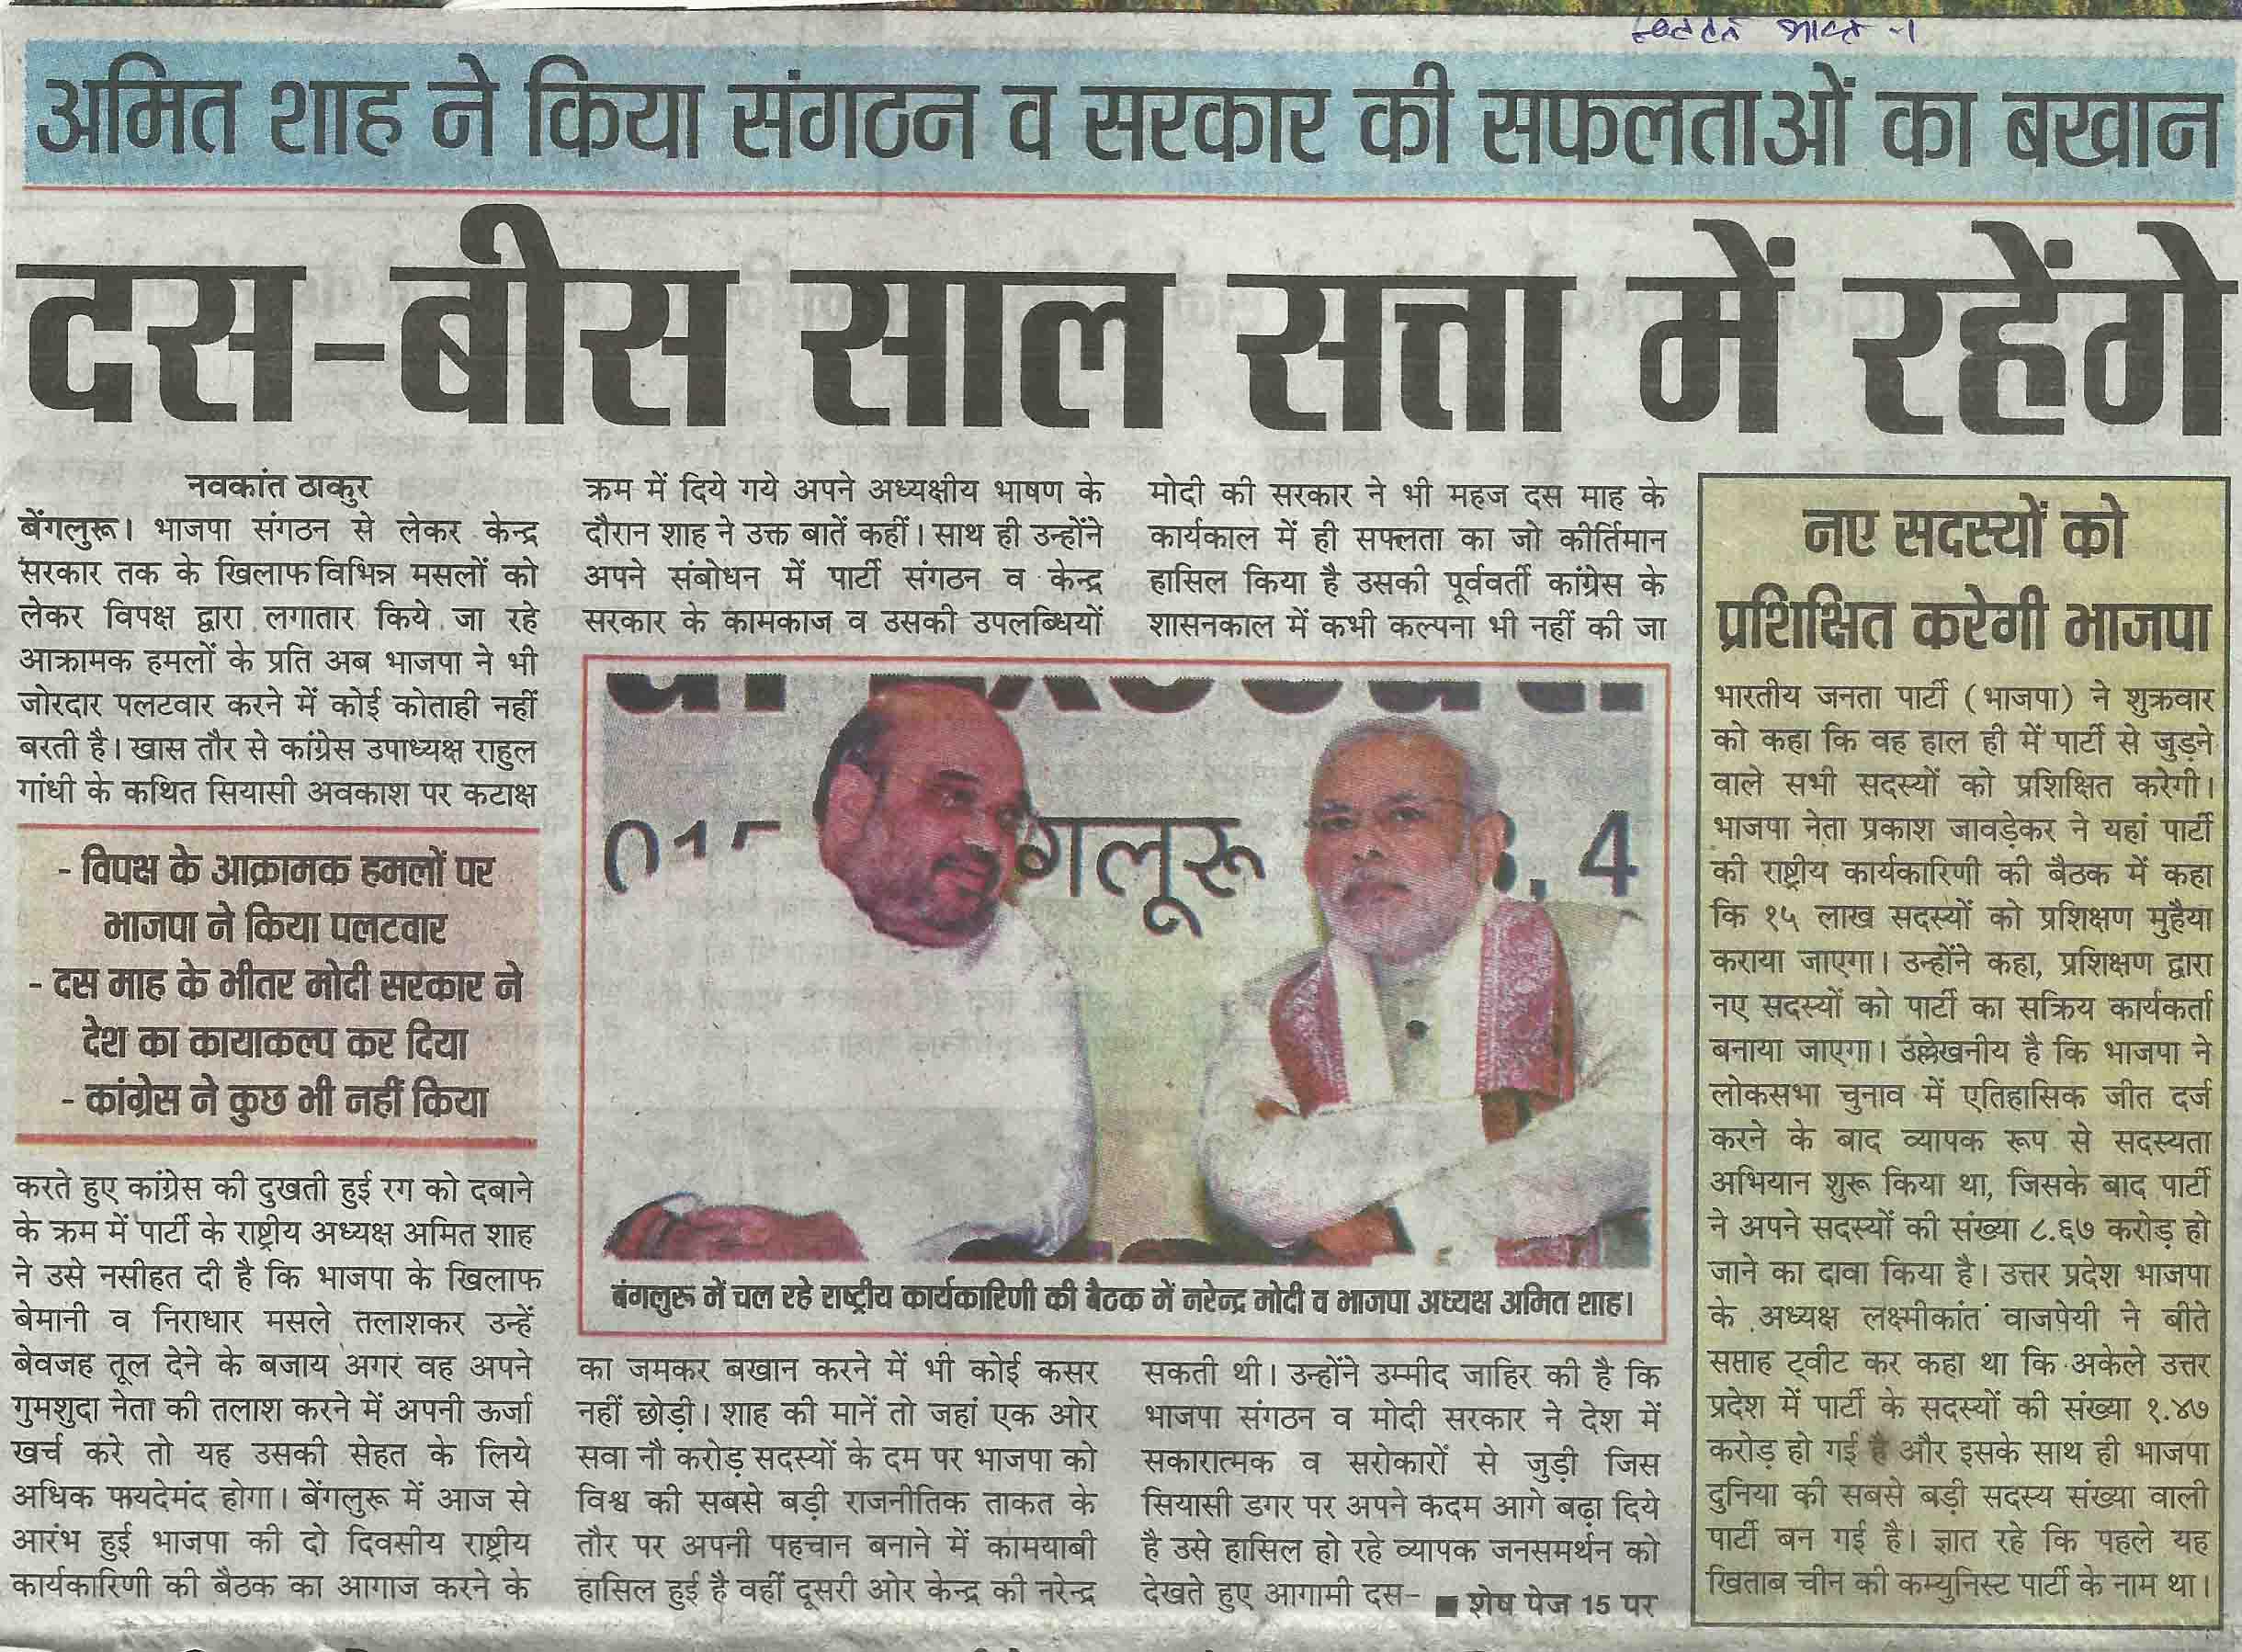 दस-बीस साल सत्ता में रहेंगे - Swatantra Bharat